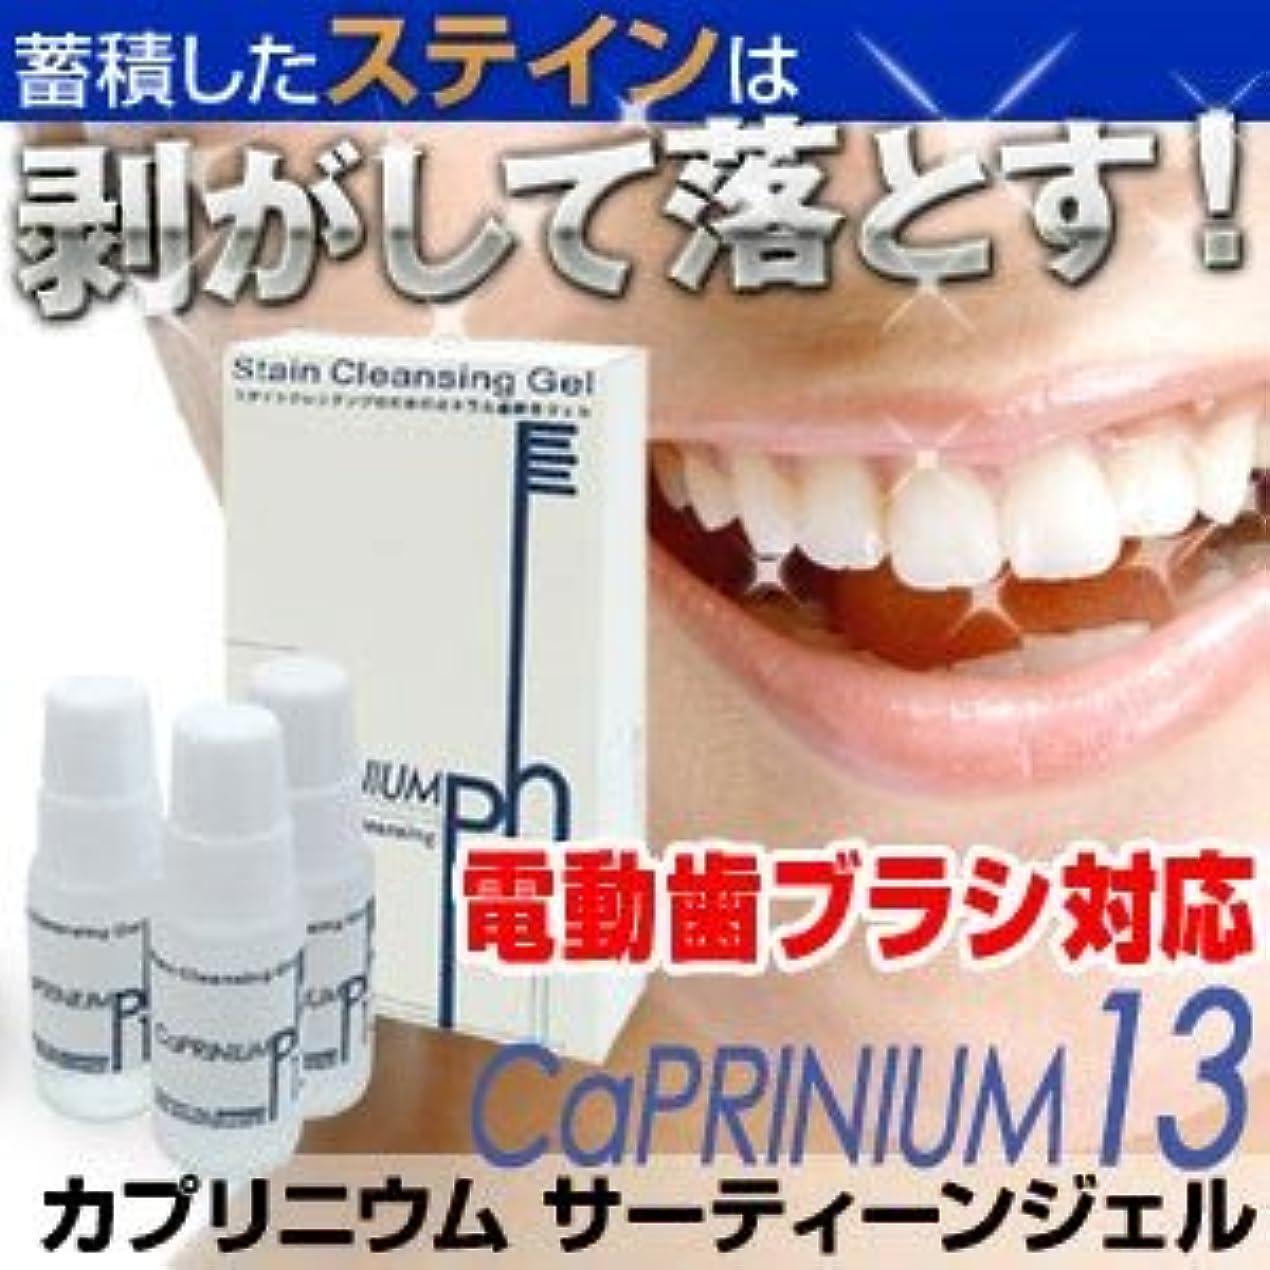 不毛美容師心理的にカプリニウム サーティーンジェル(CaPRINIUM 13) 新発想のホワイトニング歯磨きジェル